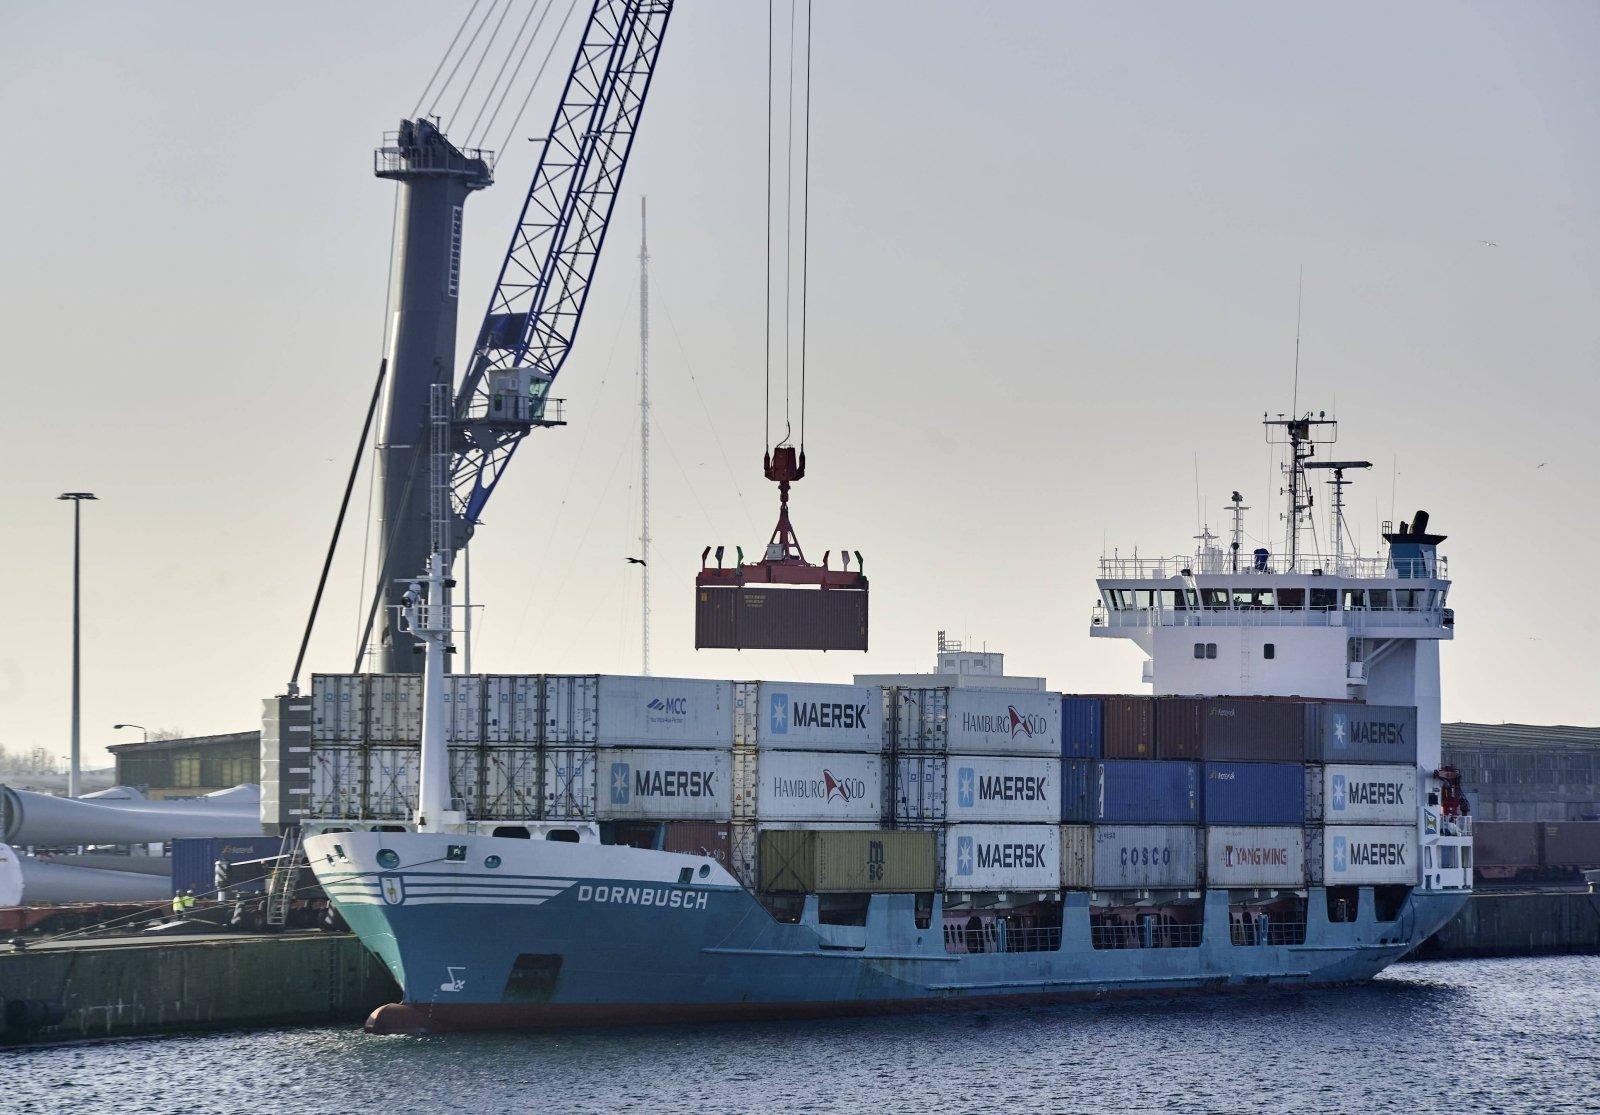 Konfliktas su Kinija įsisiūbuoja: Lietuvos verslas jau kuria įmones kitose šalyse - DELFI